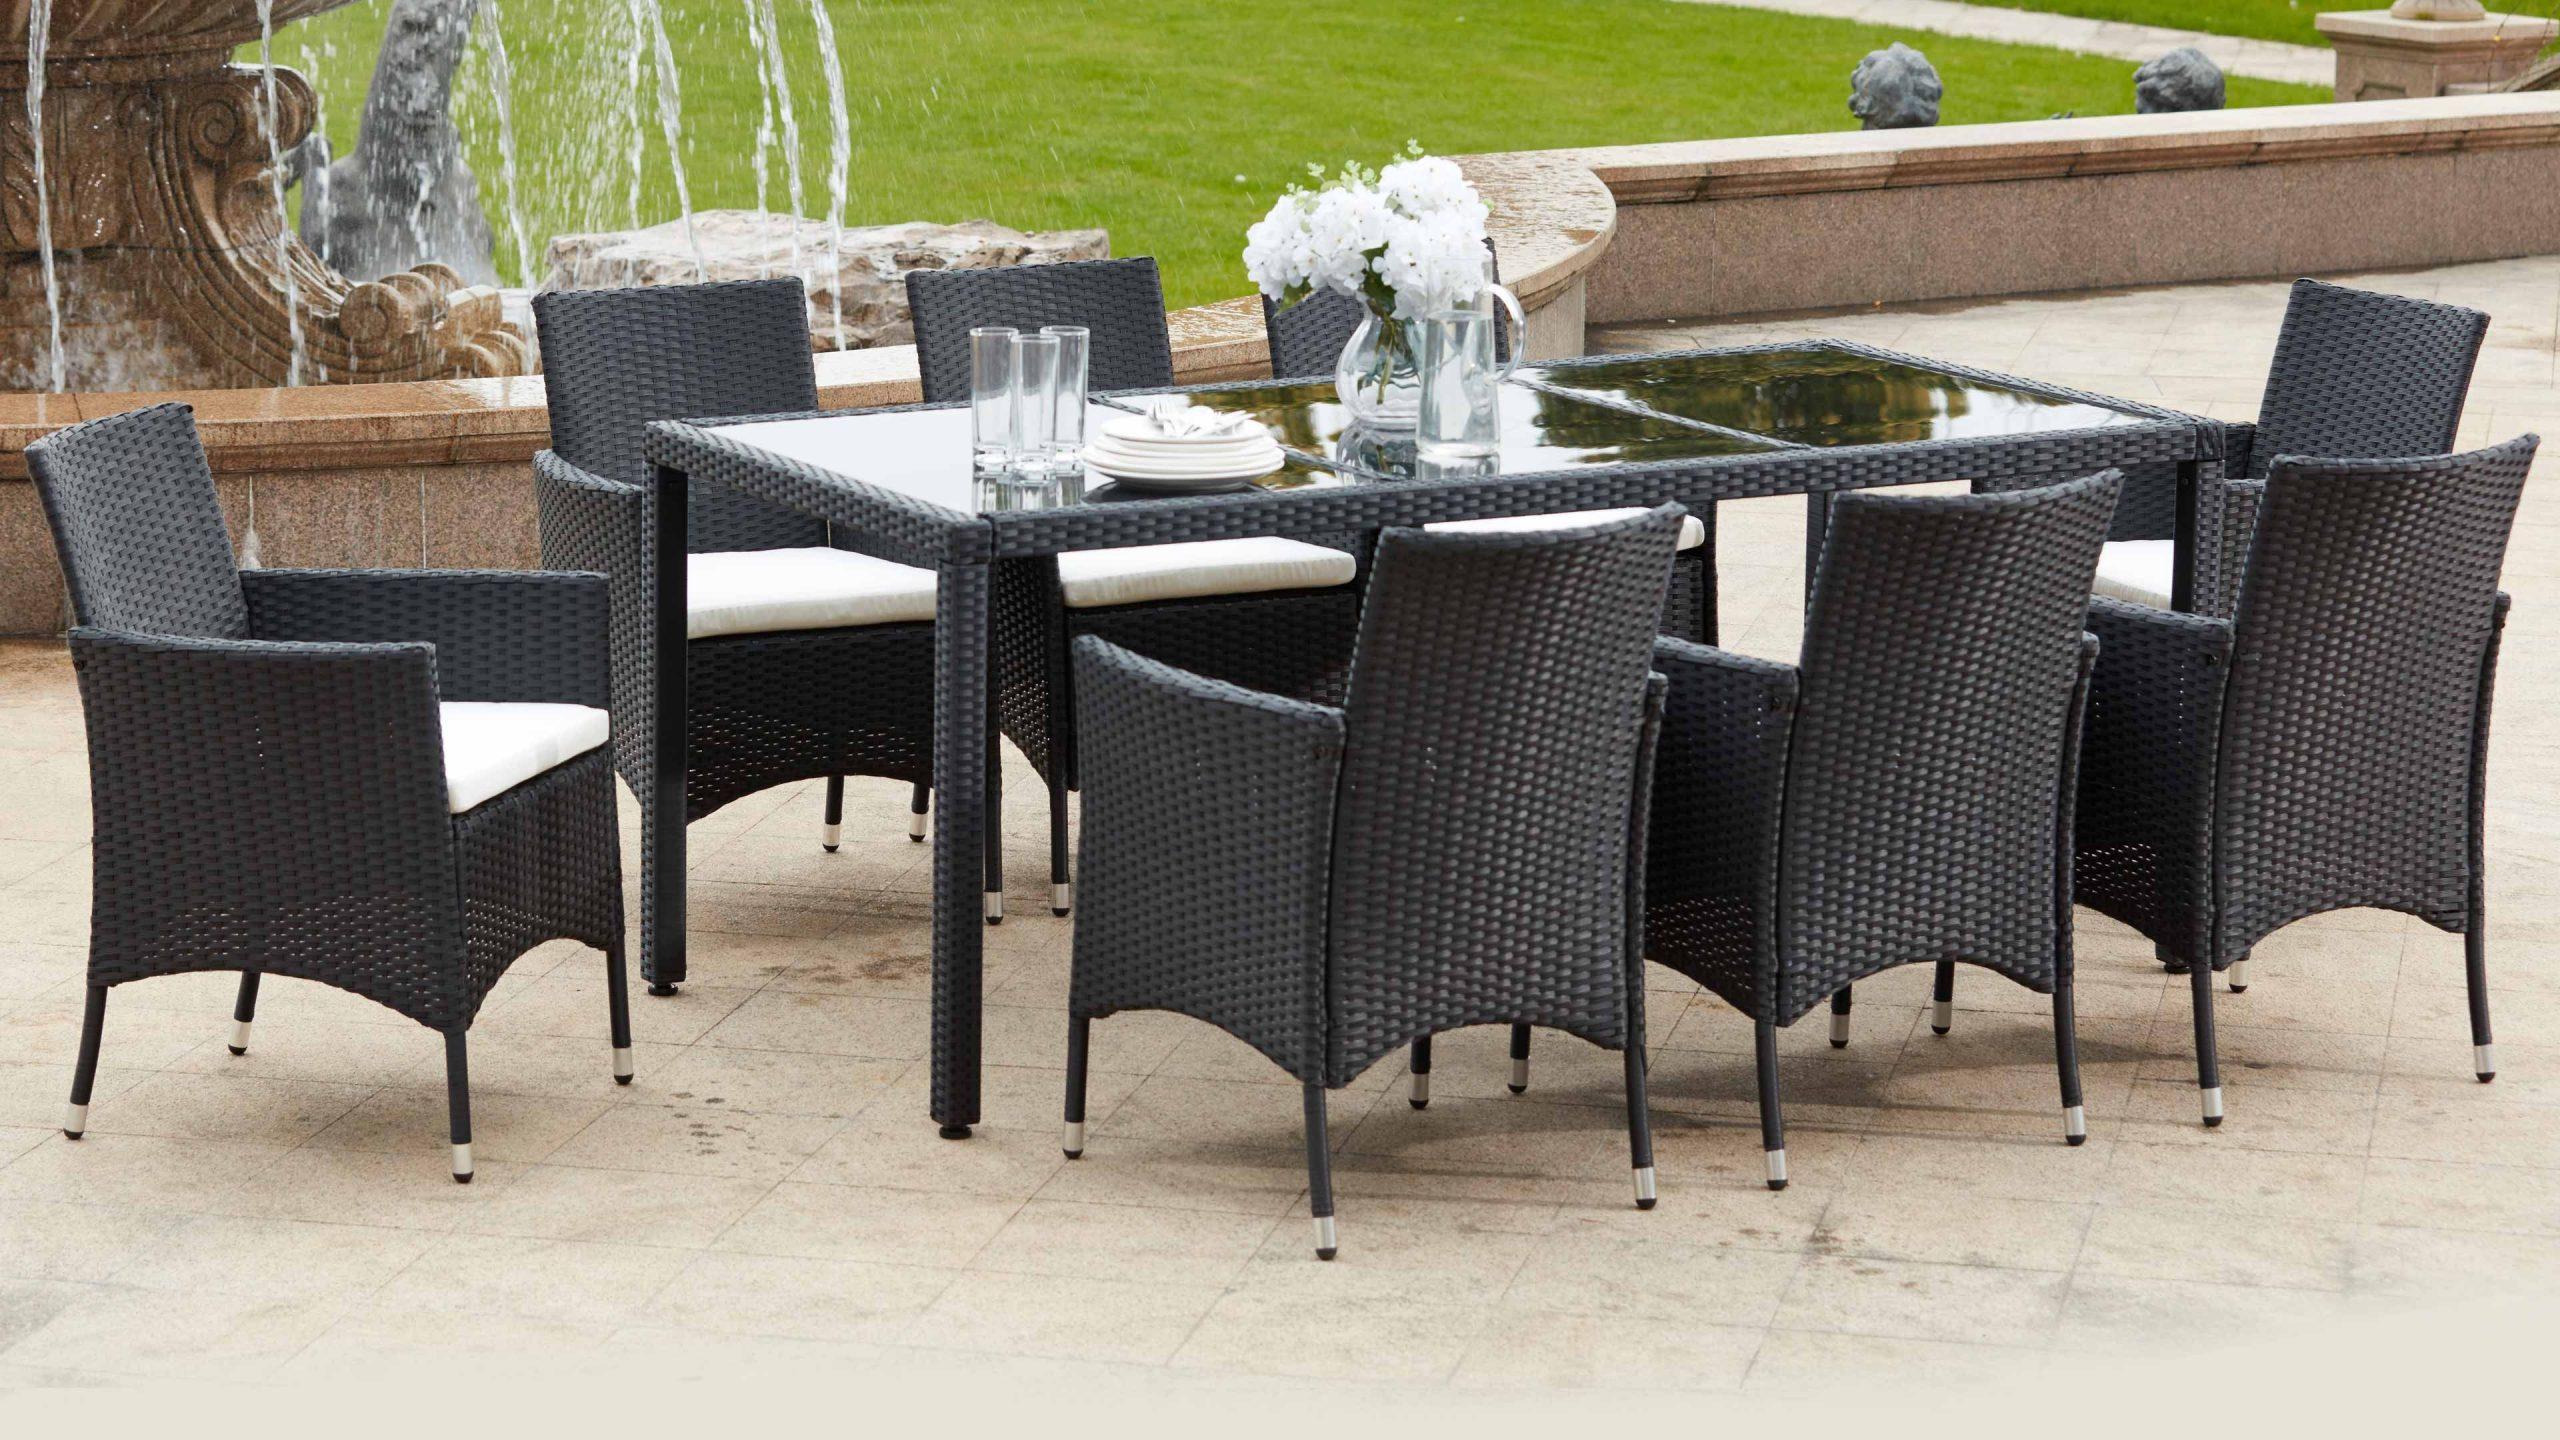 Salon De Jardin Table Résine Tressée 8 Fauteuils destiné Table Et Chaises De Jardin Pas Cher